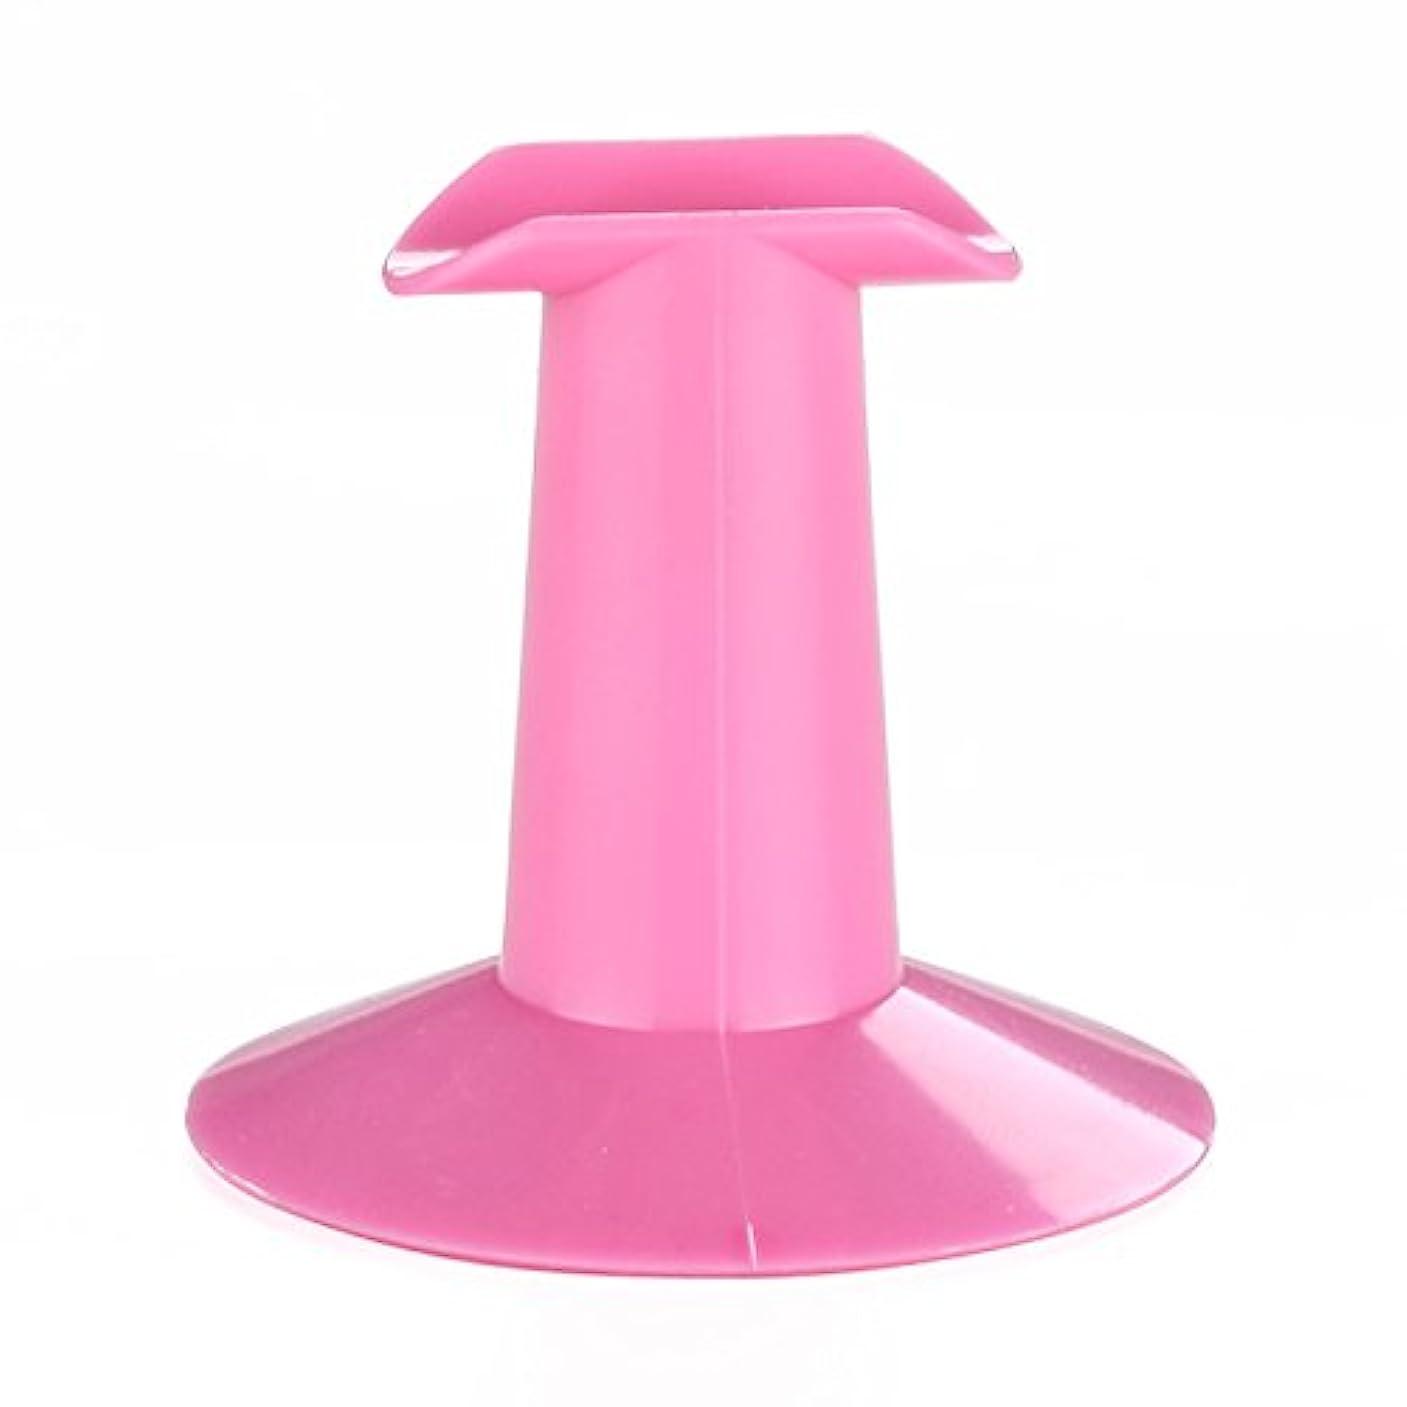 全体ジャンル品種SODIAL 5xハードプラスチック製ピンクのフィンガースタンドサポート レスト ネイルアートデザイン 絵画サロンDIY